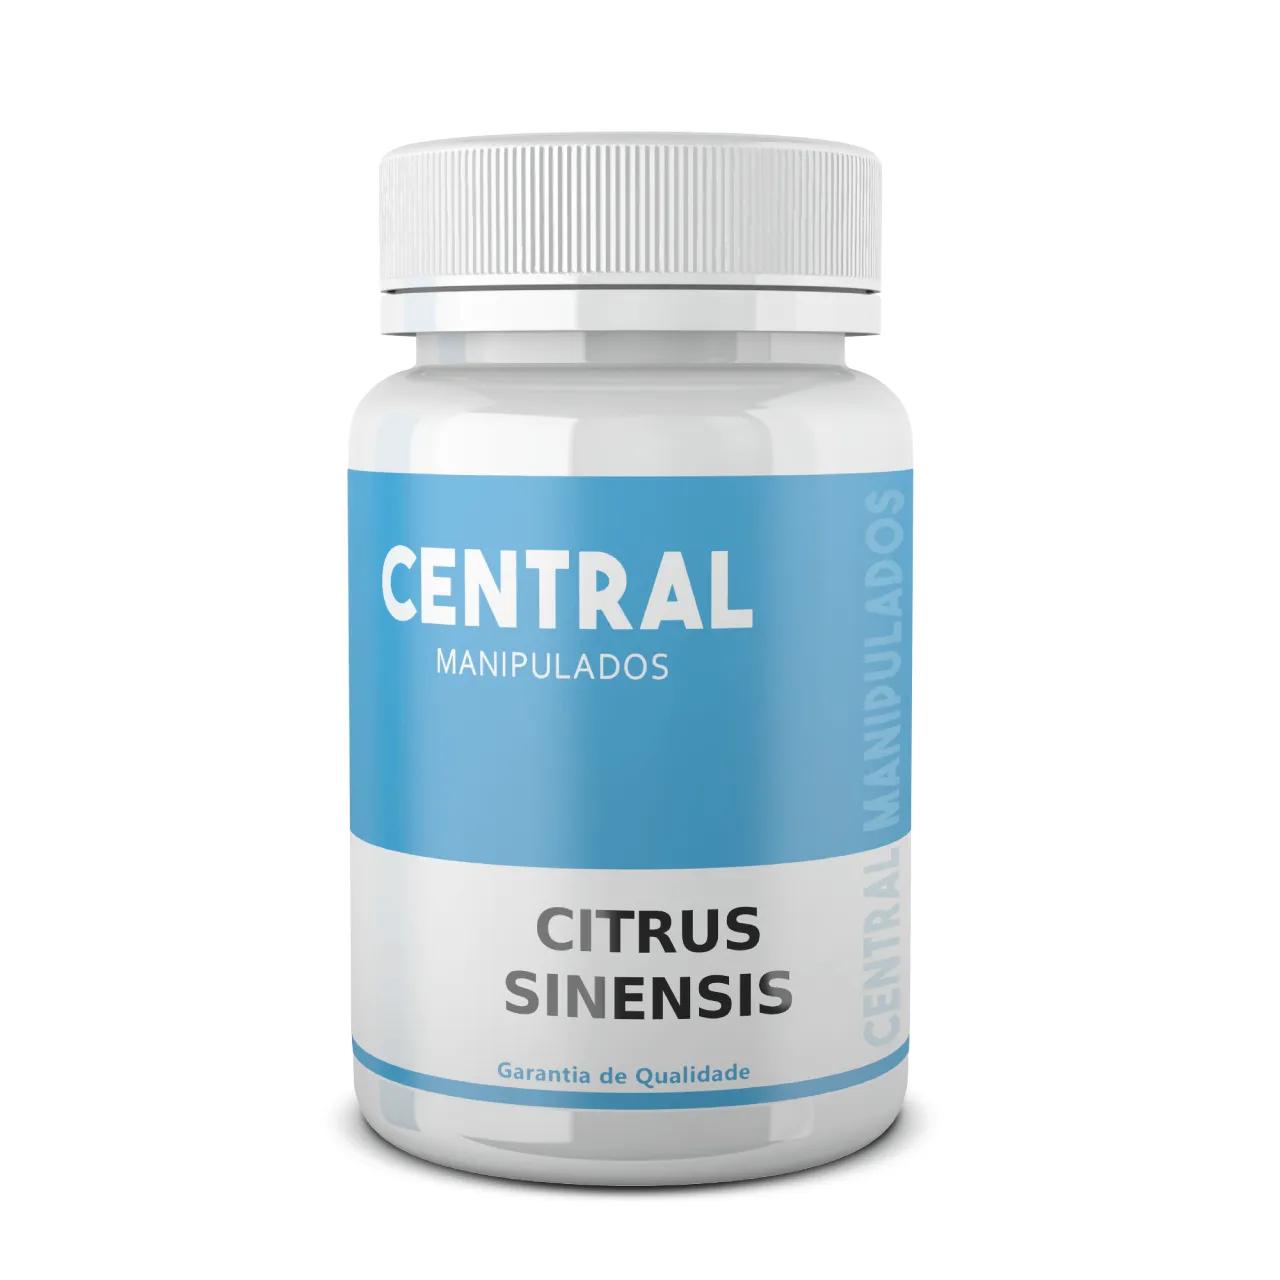 Citrus Sinensis (Laranja Moro) 500mg - 120 cápsulas - Emagrecimento, Redução do Colesterol e Triglicerídeos, Diurético